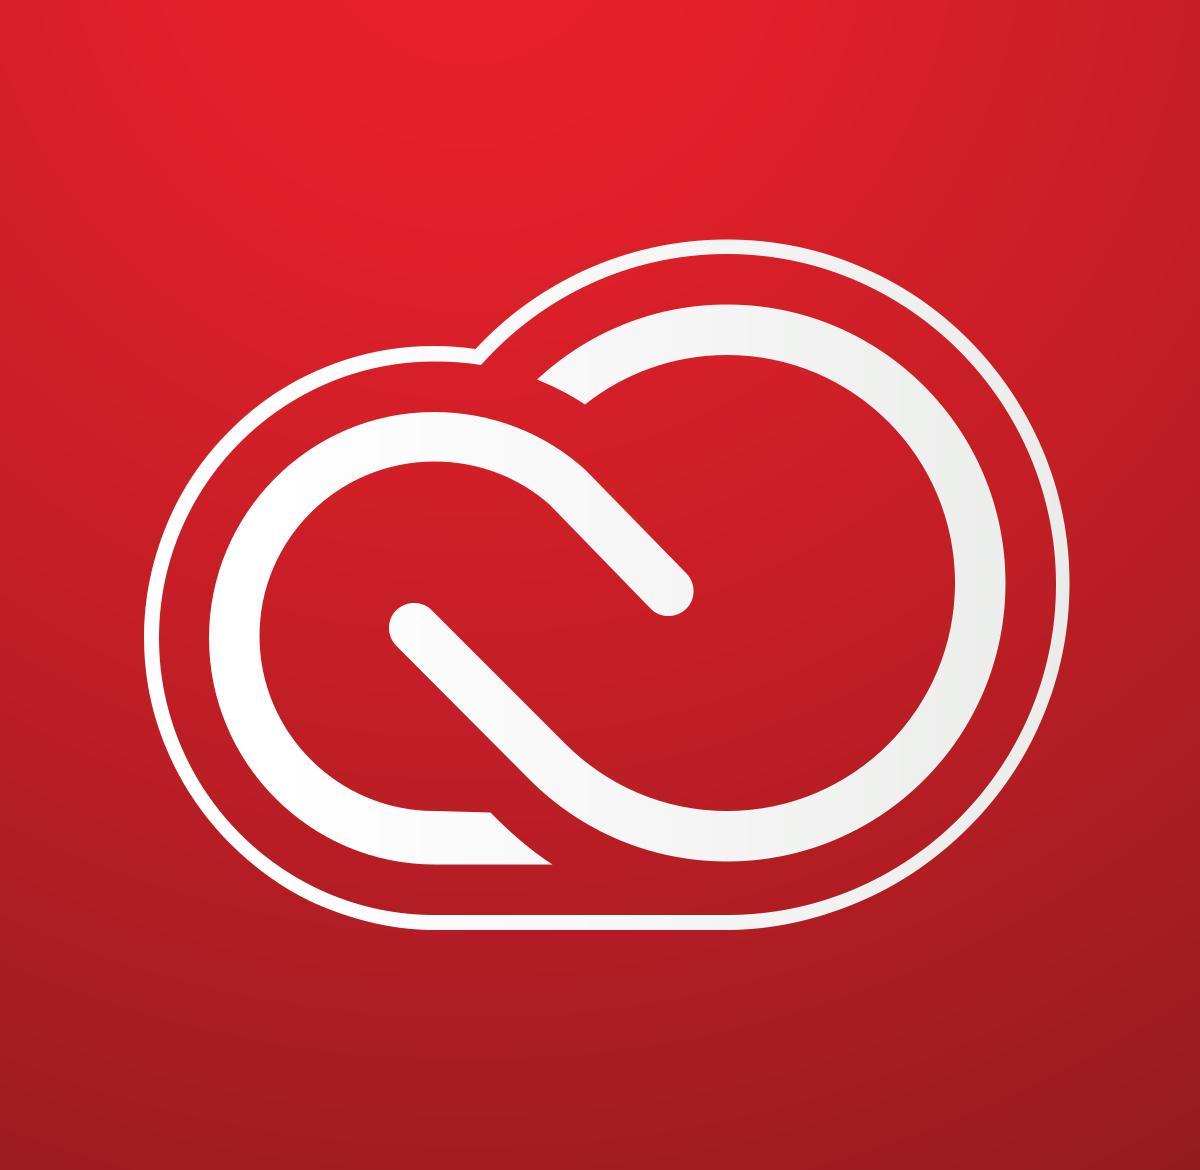 Adobe Creative Cloud - Alle Apps - 40% Korting bij een Jaarabonnement